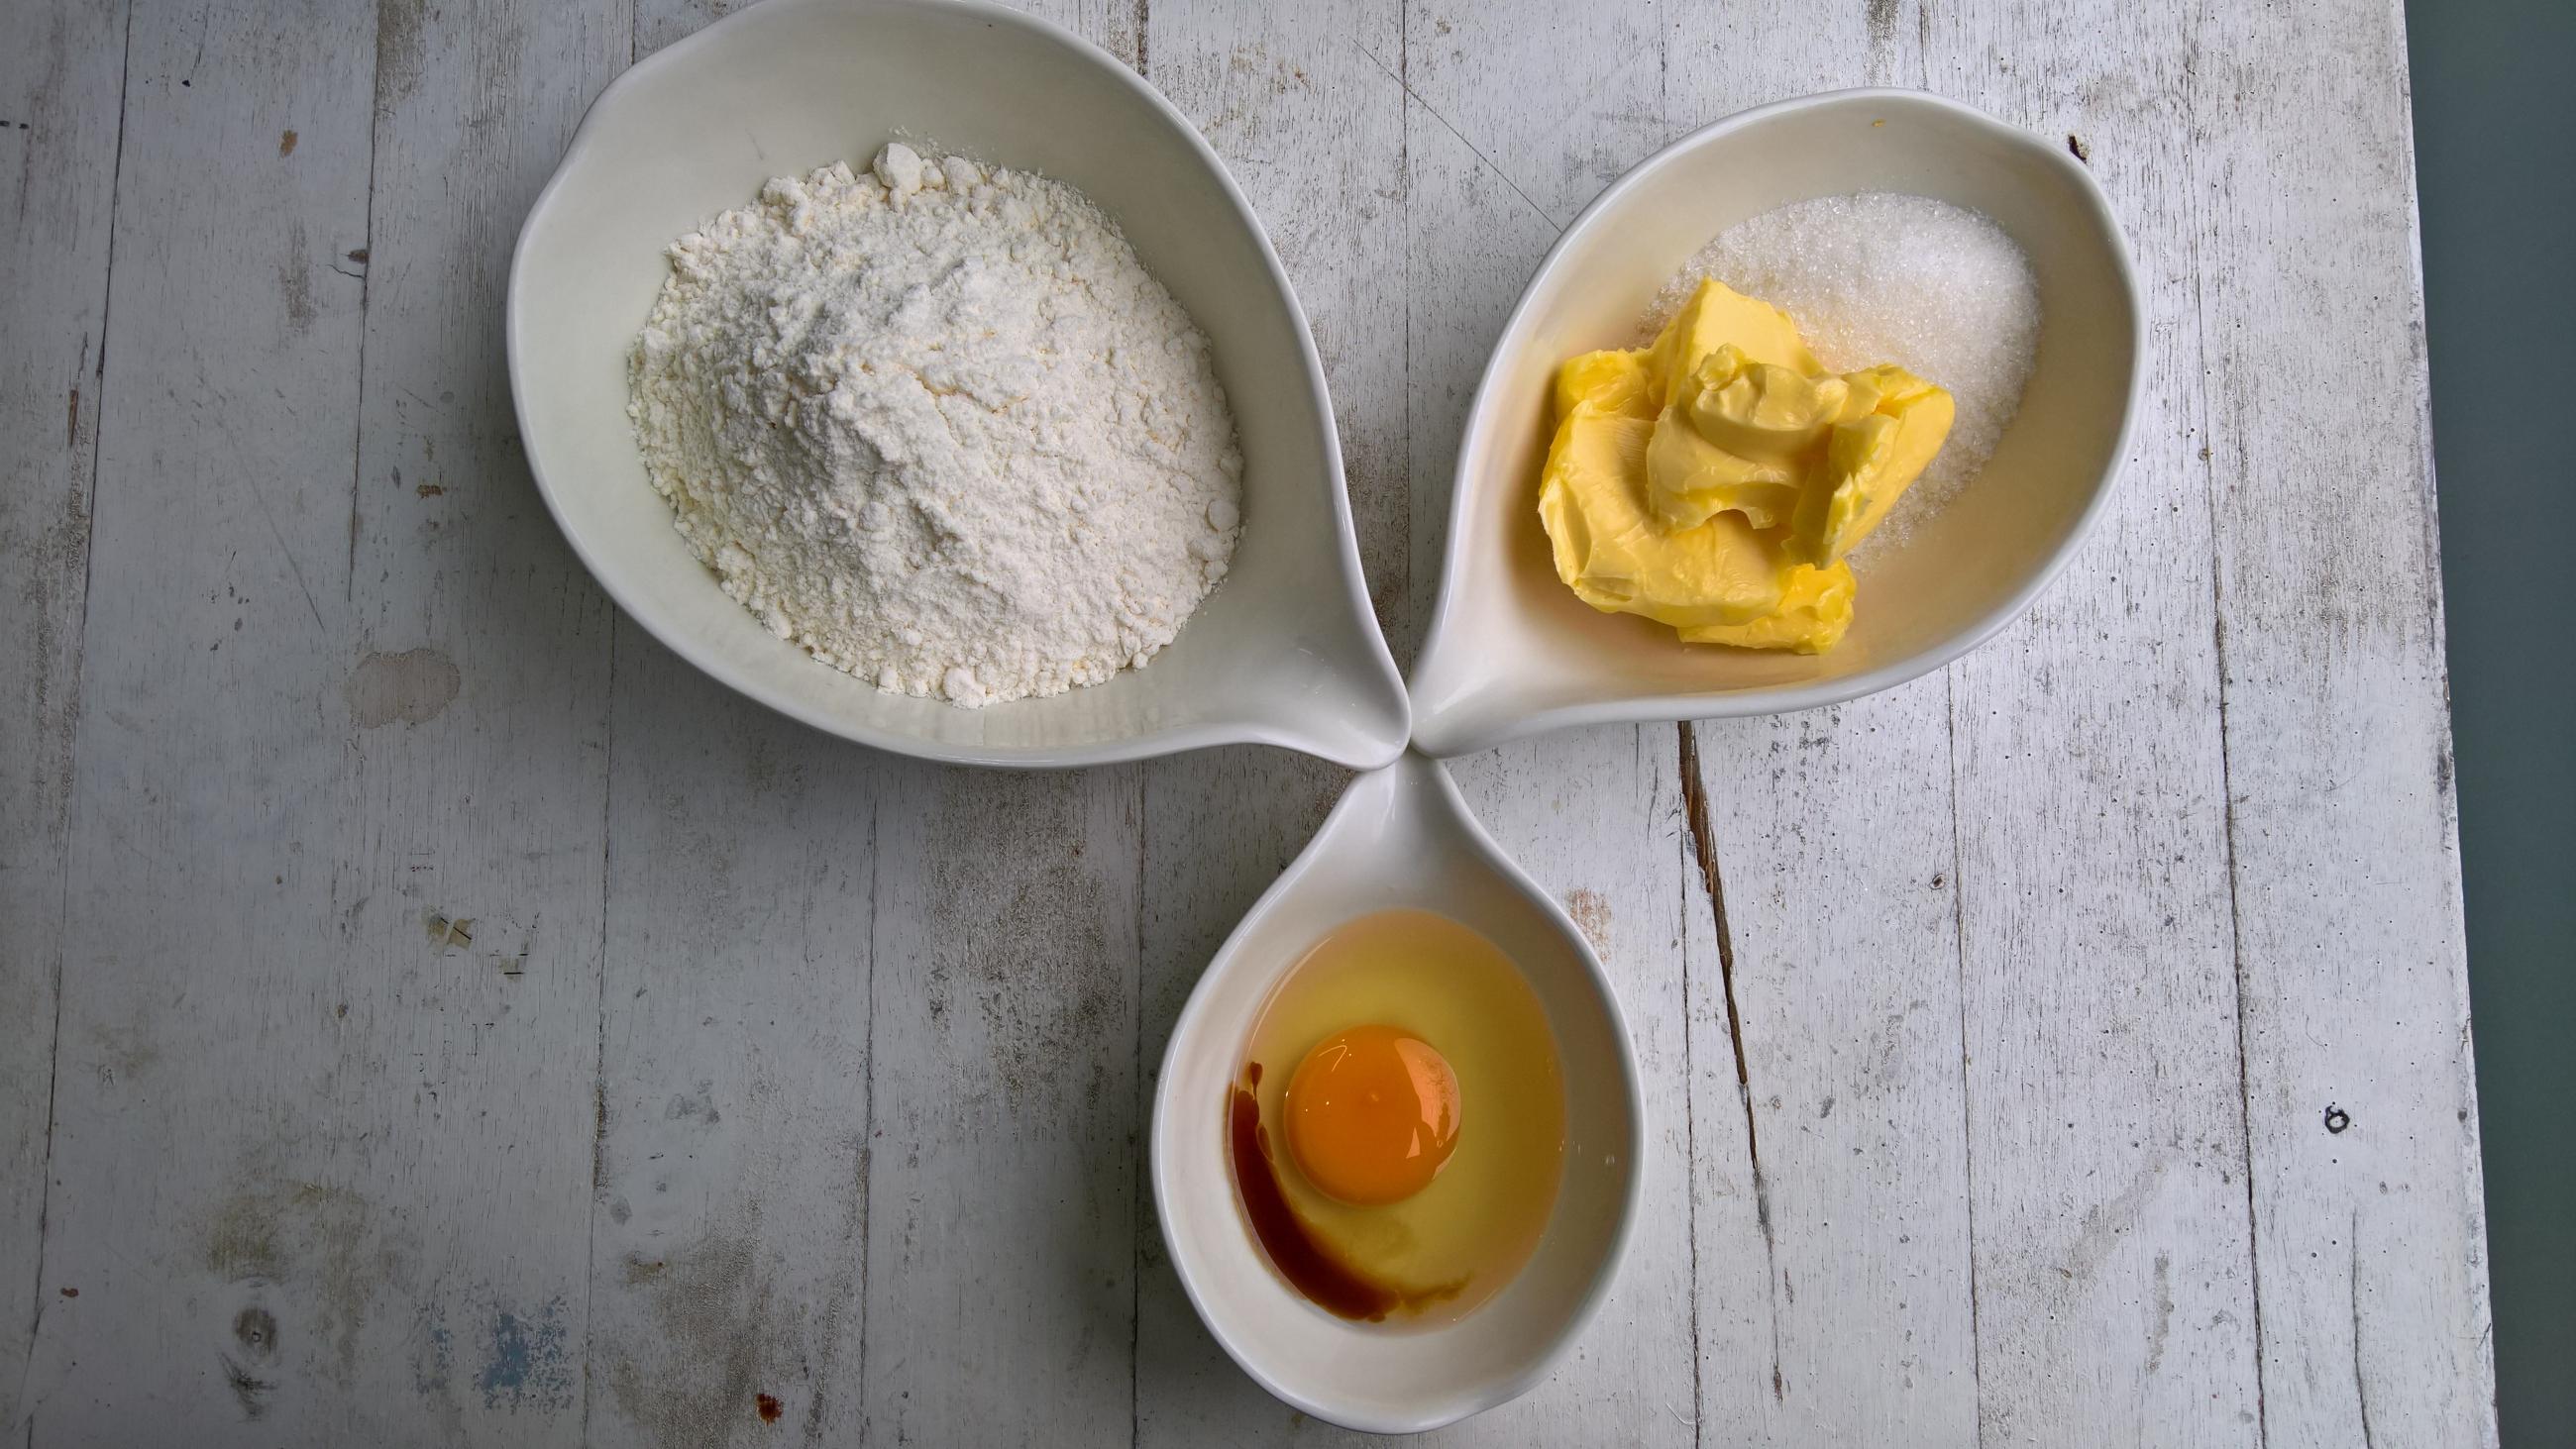 Bơ: 75gr, bột mì đa dụng: 150gr, đường: 50gr, trứng: 1 quả, vanilla extract: 2-3 giọt